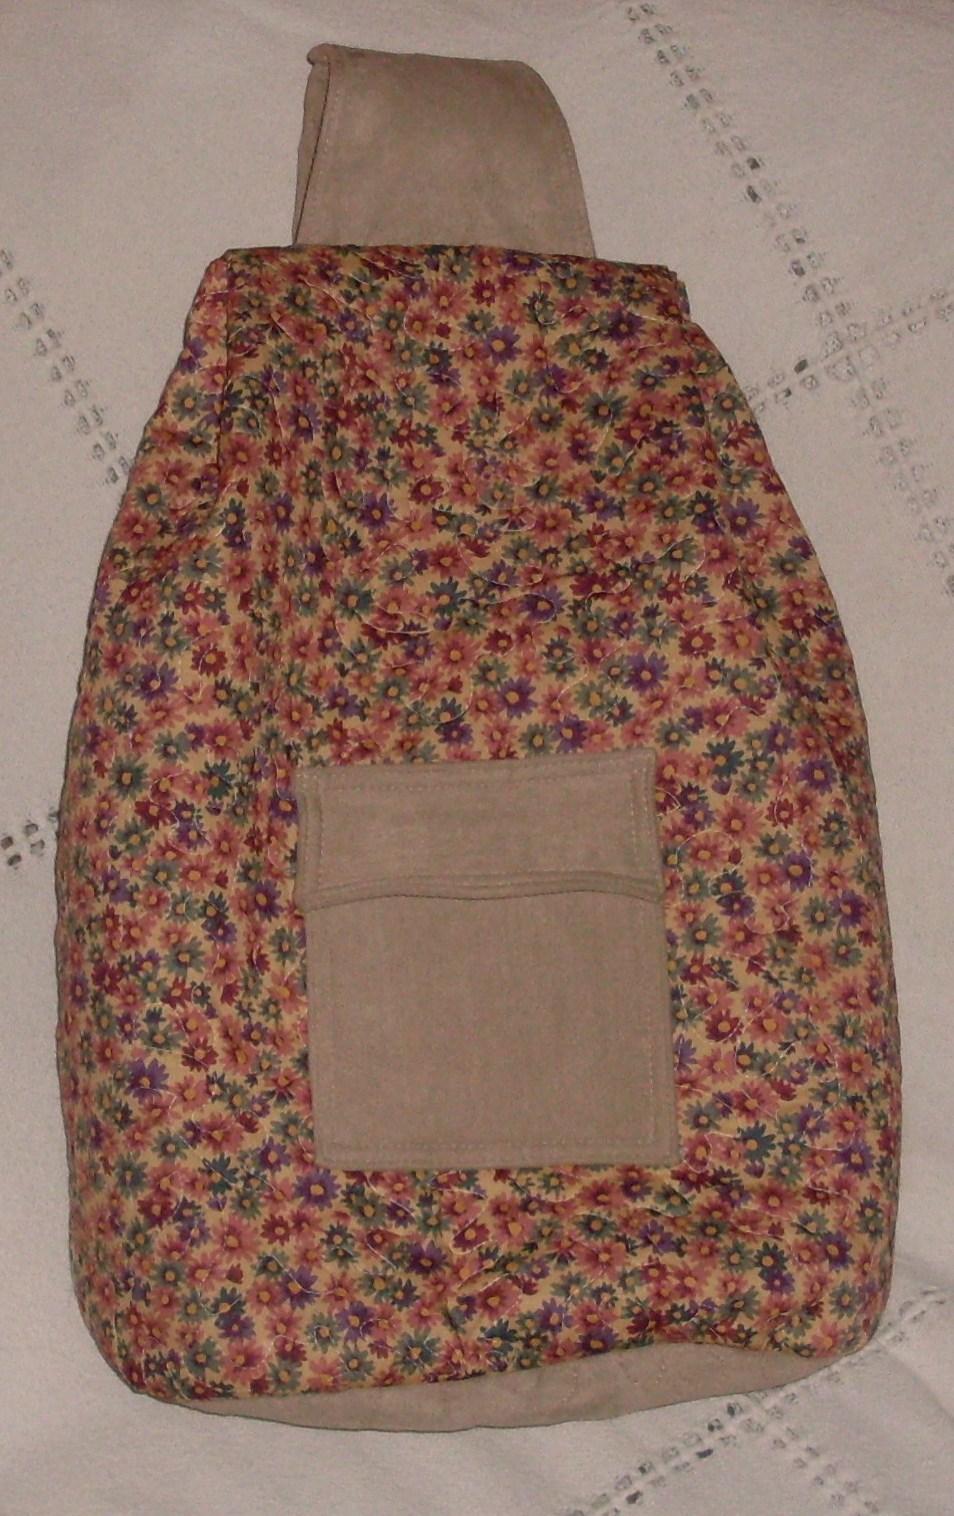 Bolsa De Tecido Quiltada : Ateli? da binho bolsa mochila flor